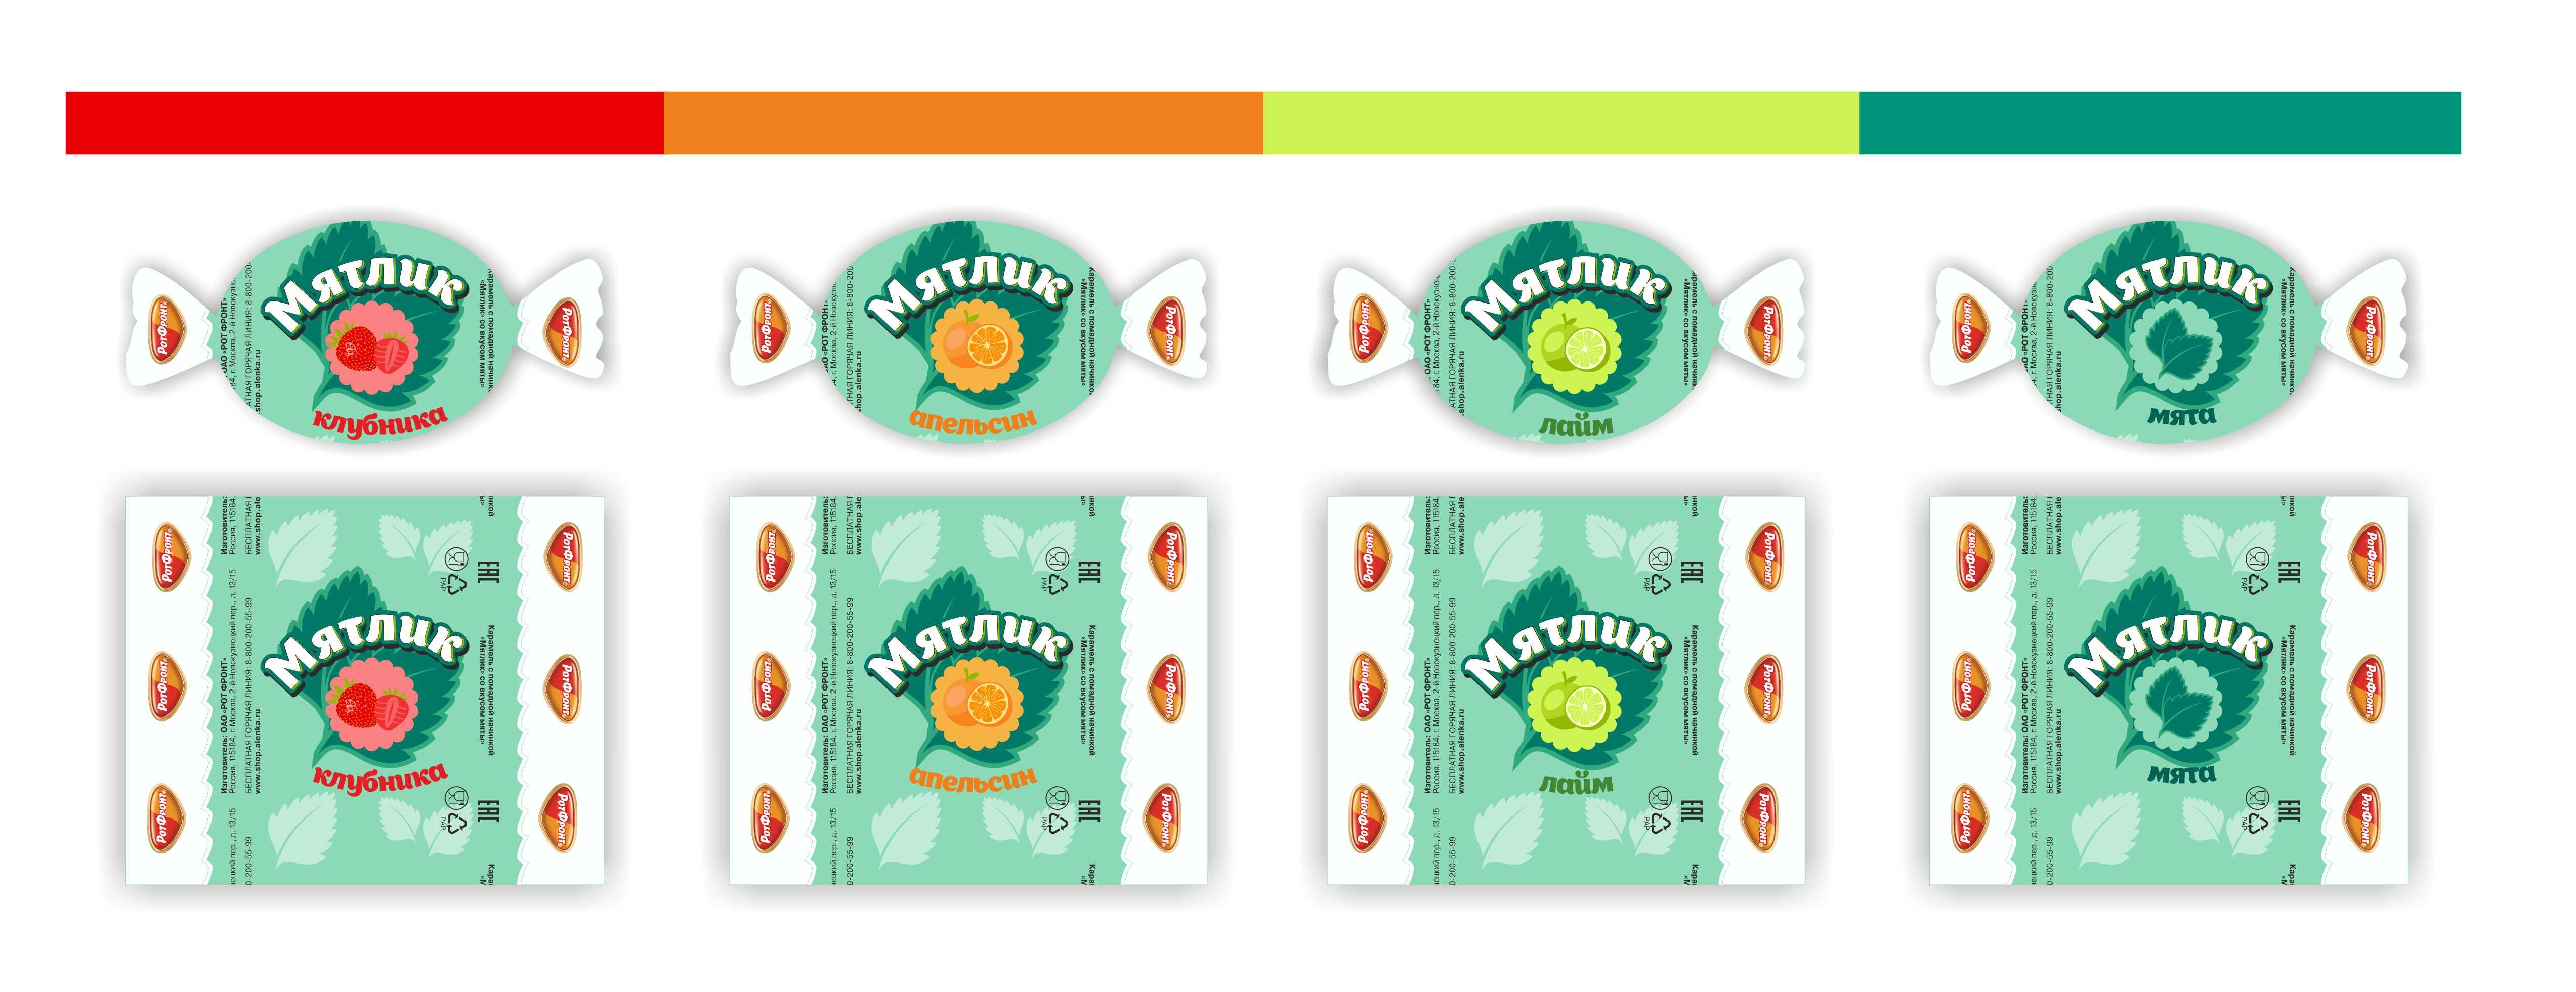 Разработка дизайна упаковки для мятной карамели от Рот Фронт фото f_17159f22179a39fd.jpg